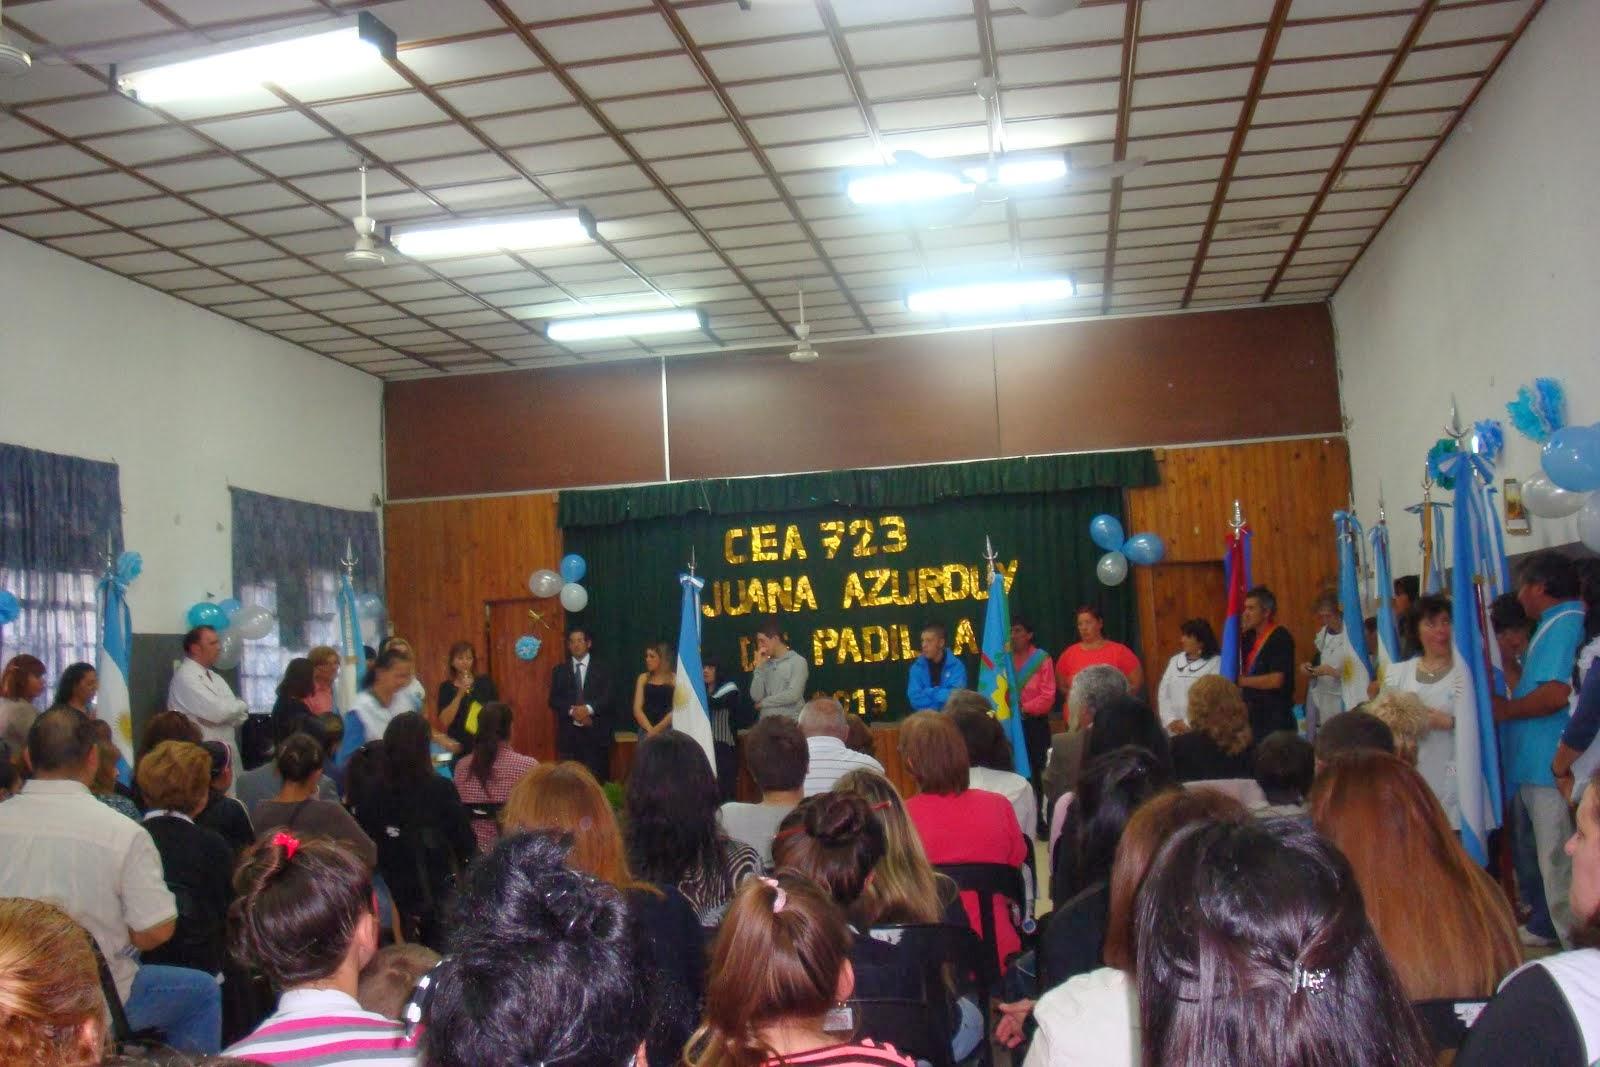 """ACTO DE IMPOSICION DEL NOMBRE """"JUANA AZURDUY de PADILLA"""" al CEA 723  L de Zamora(08-11-2013)"""